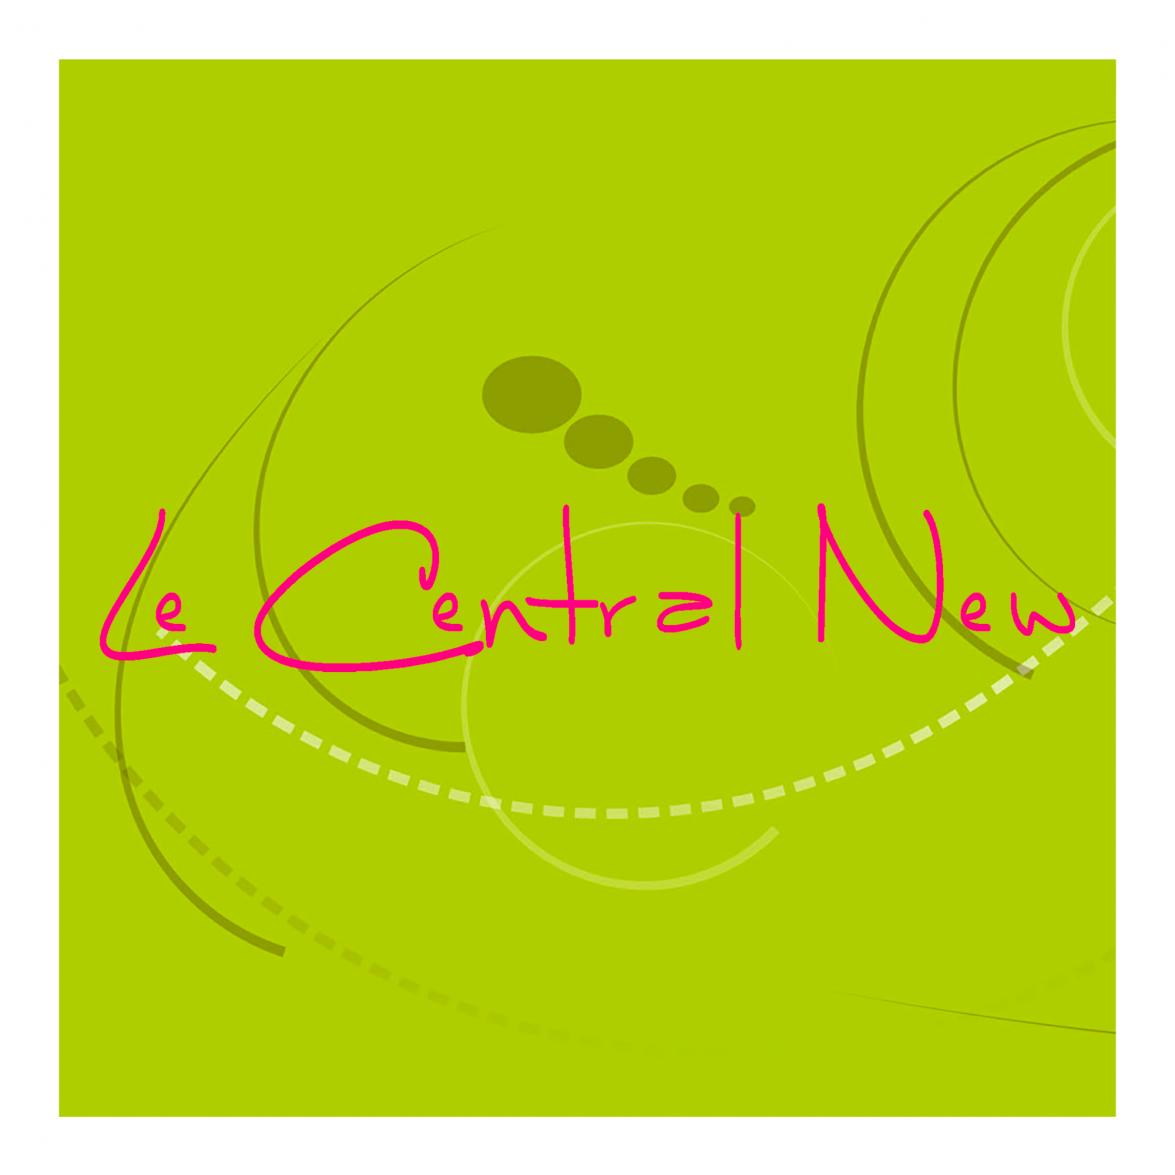 Angèle Von kiss - Mes clients - Le Central New